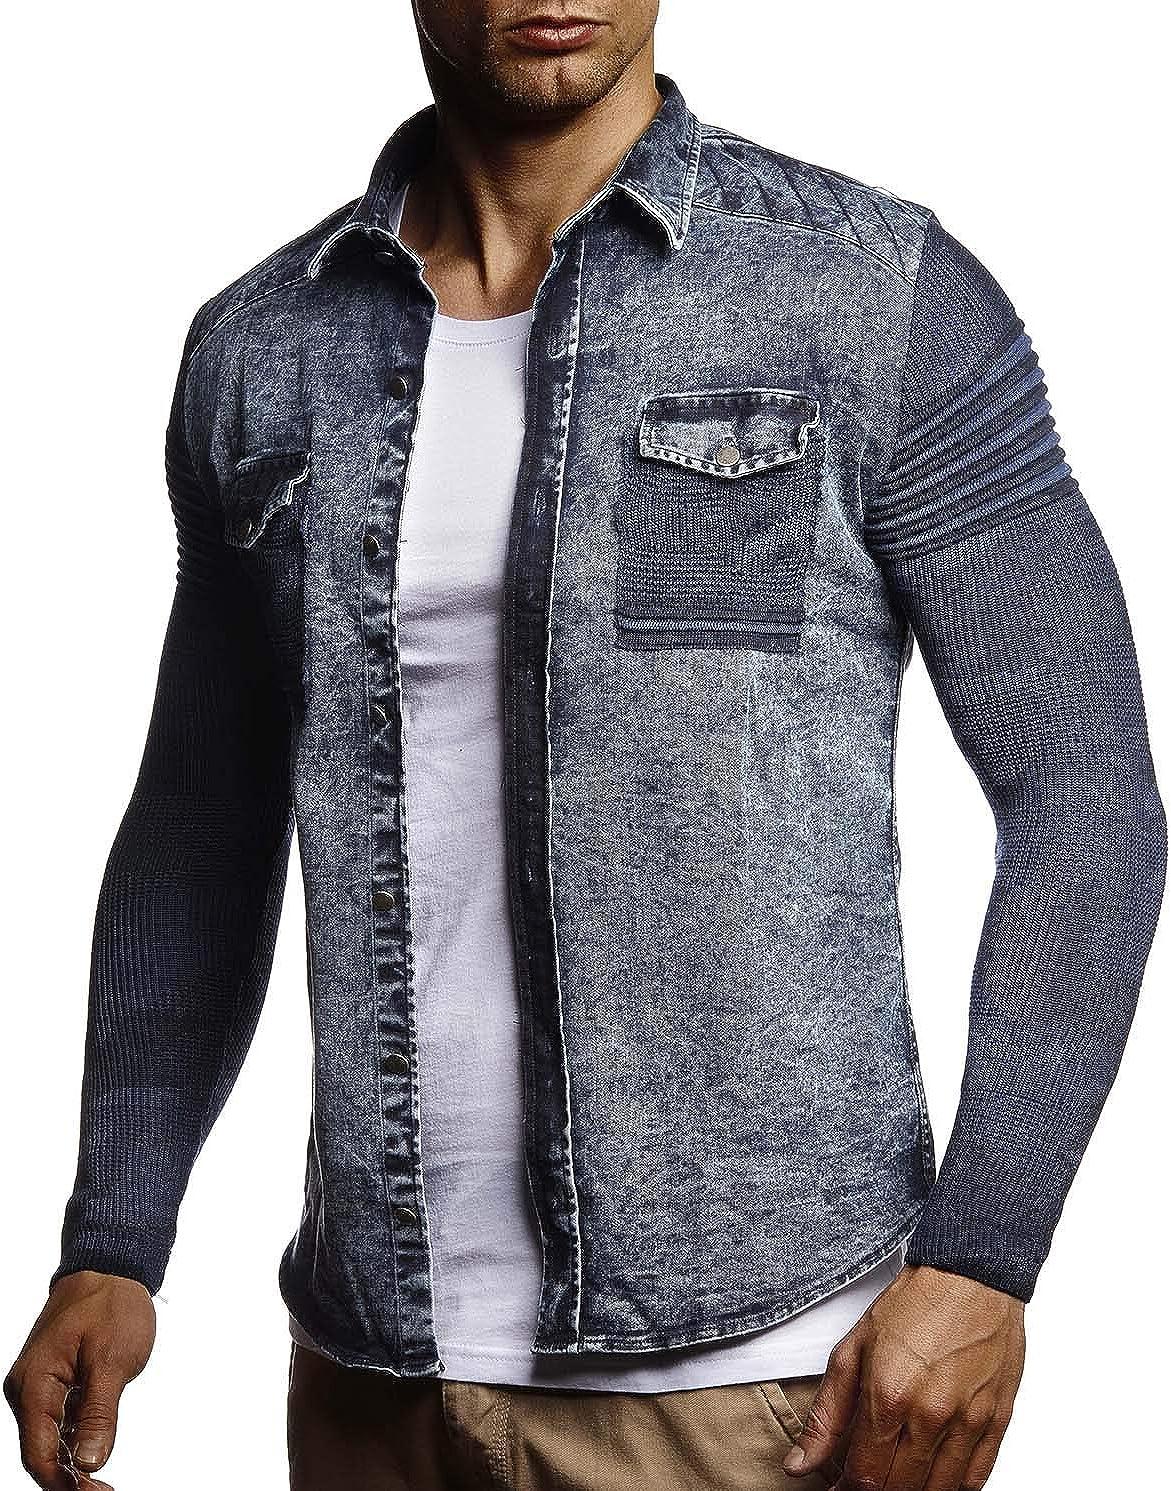 Leif Nelson Hombres de la Camisa de Manga Larga Jeans Mangas de Punto LN-3560